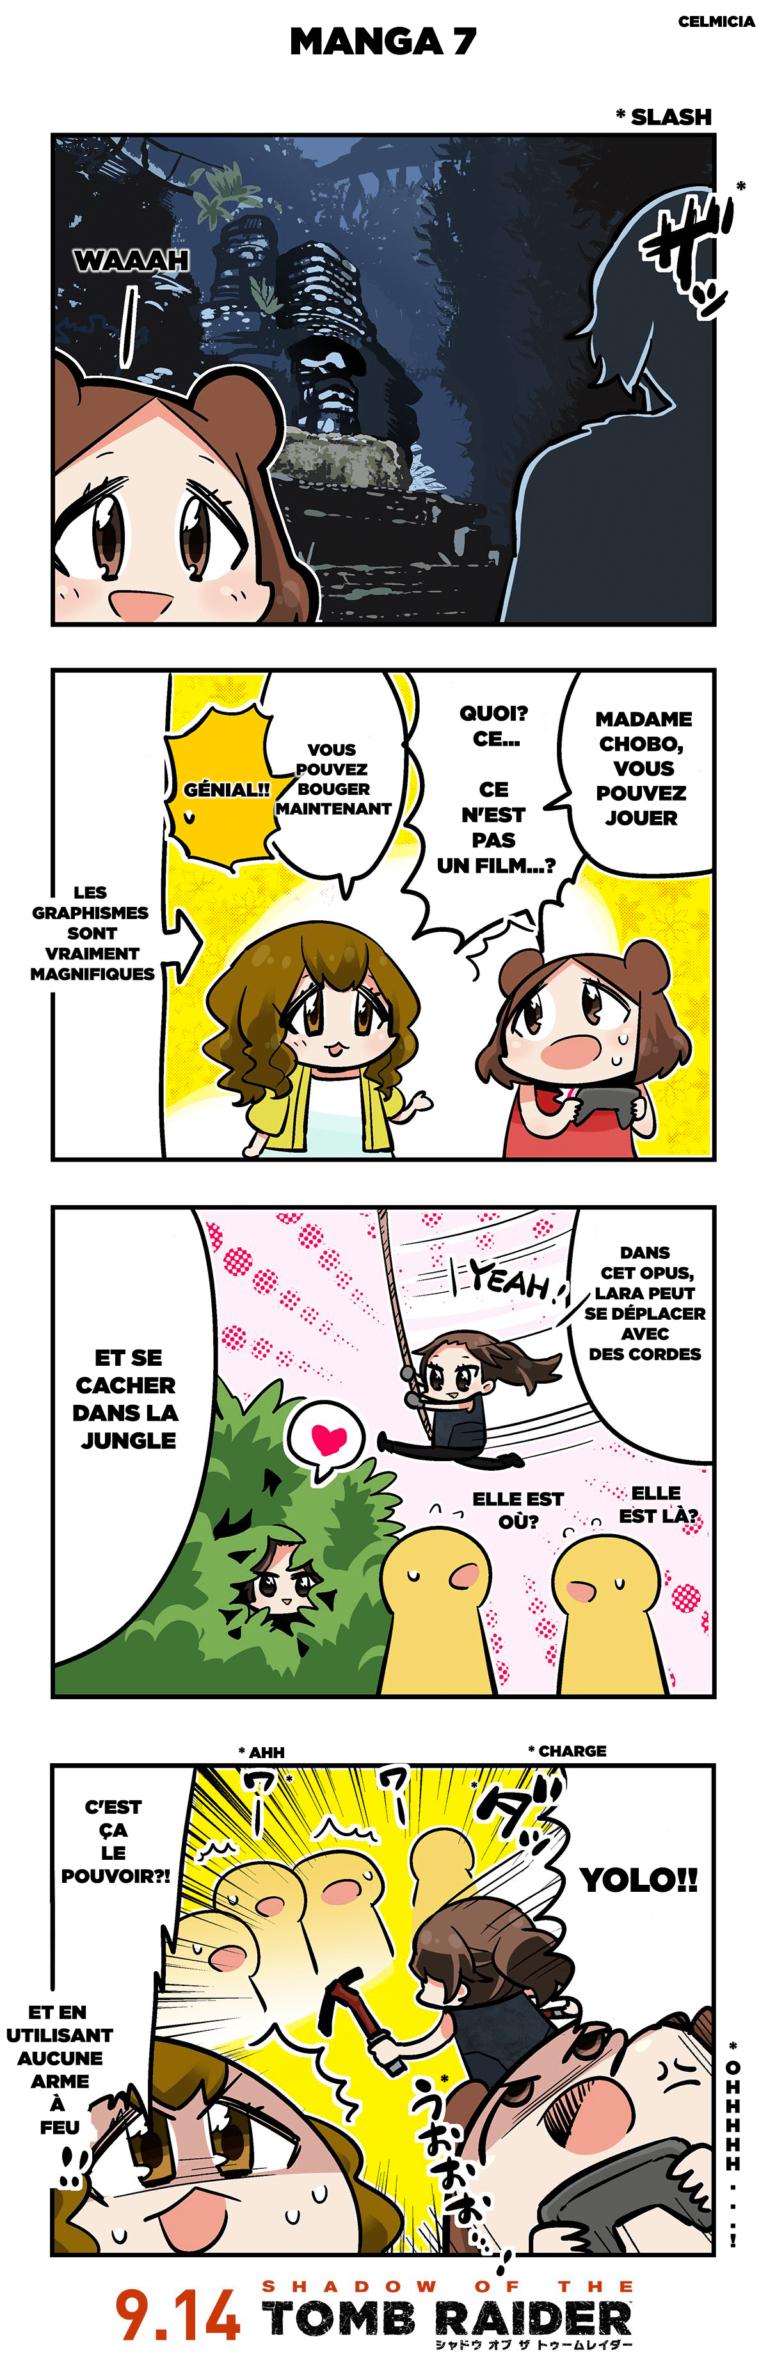 sottr_manga_square_enix_jp_7_opti